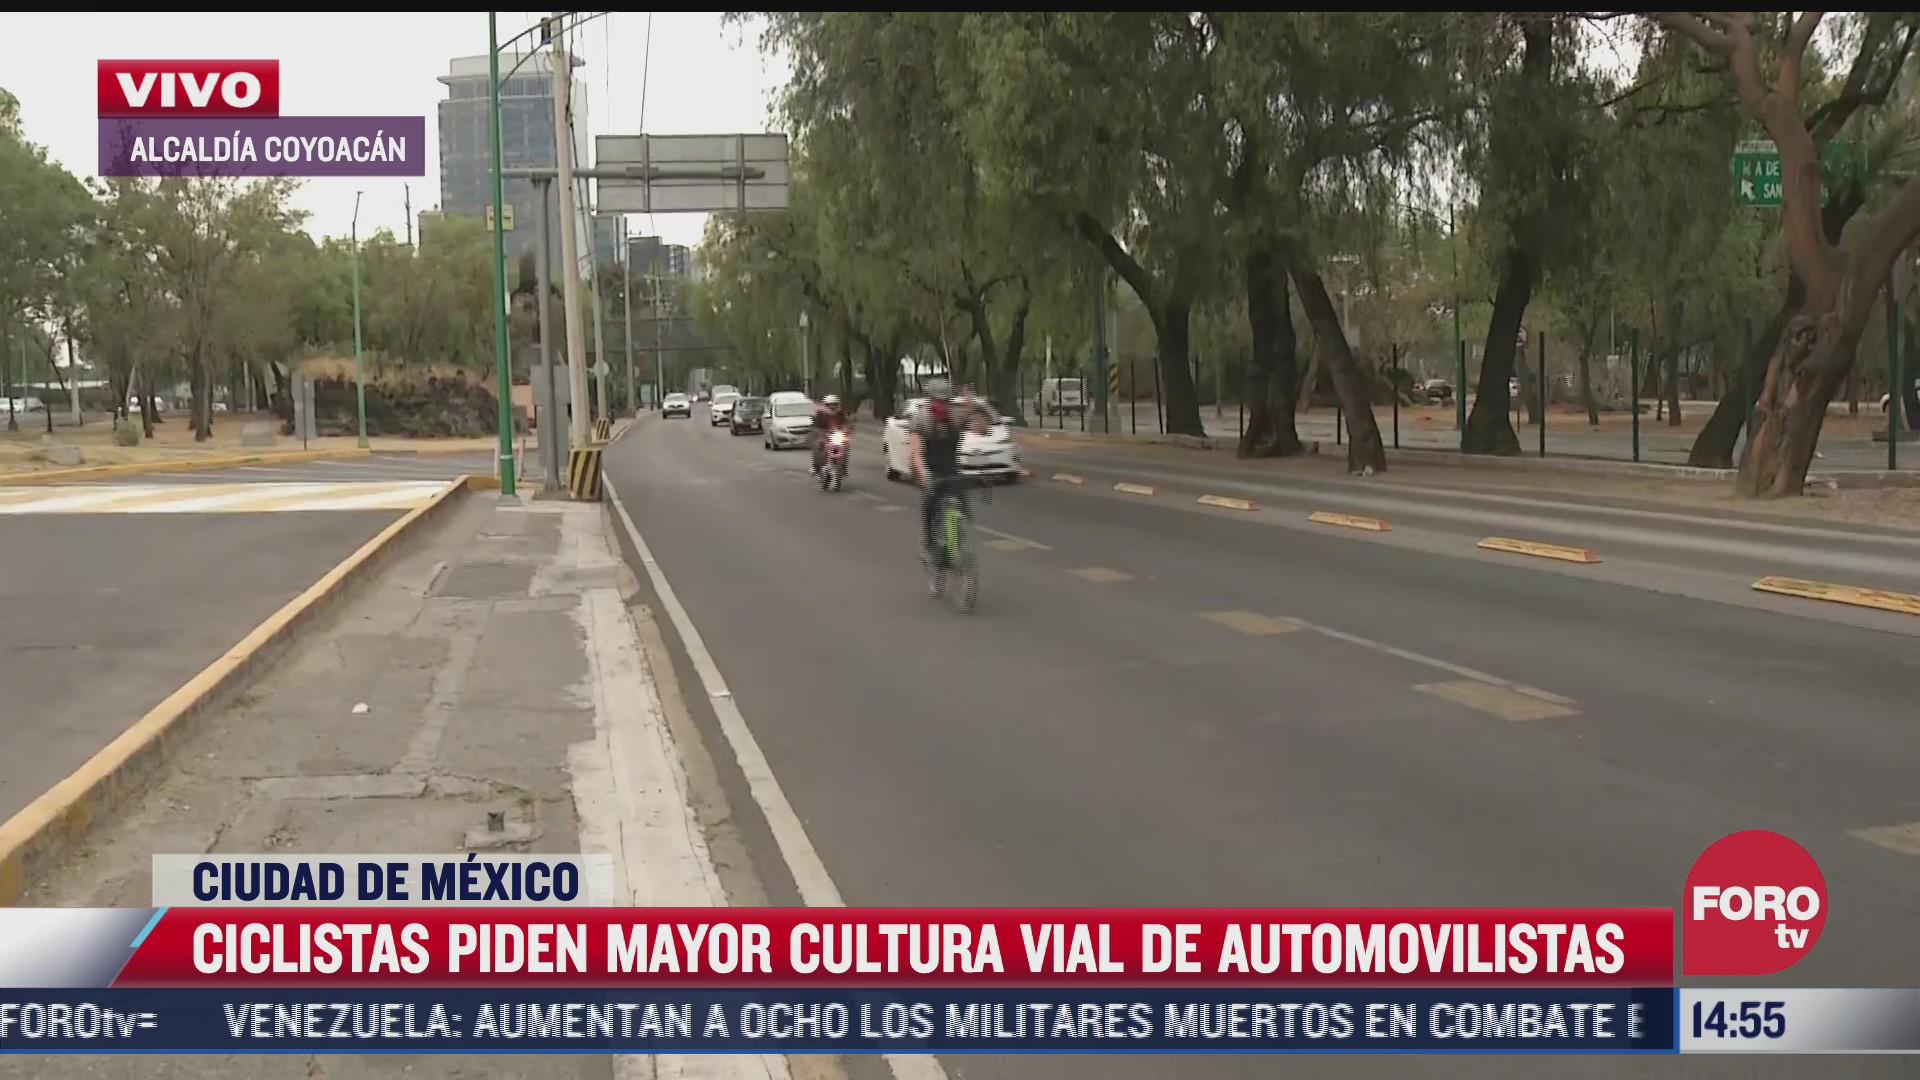 ciclistas piden mayor cultura vial de automovilistas en cdmx